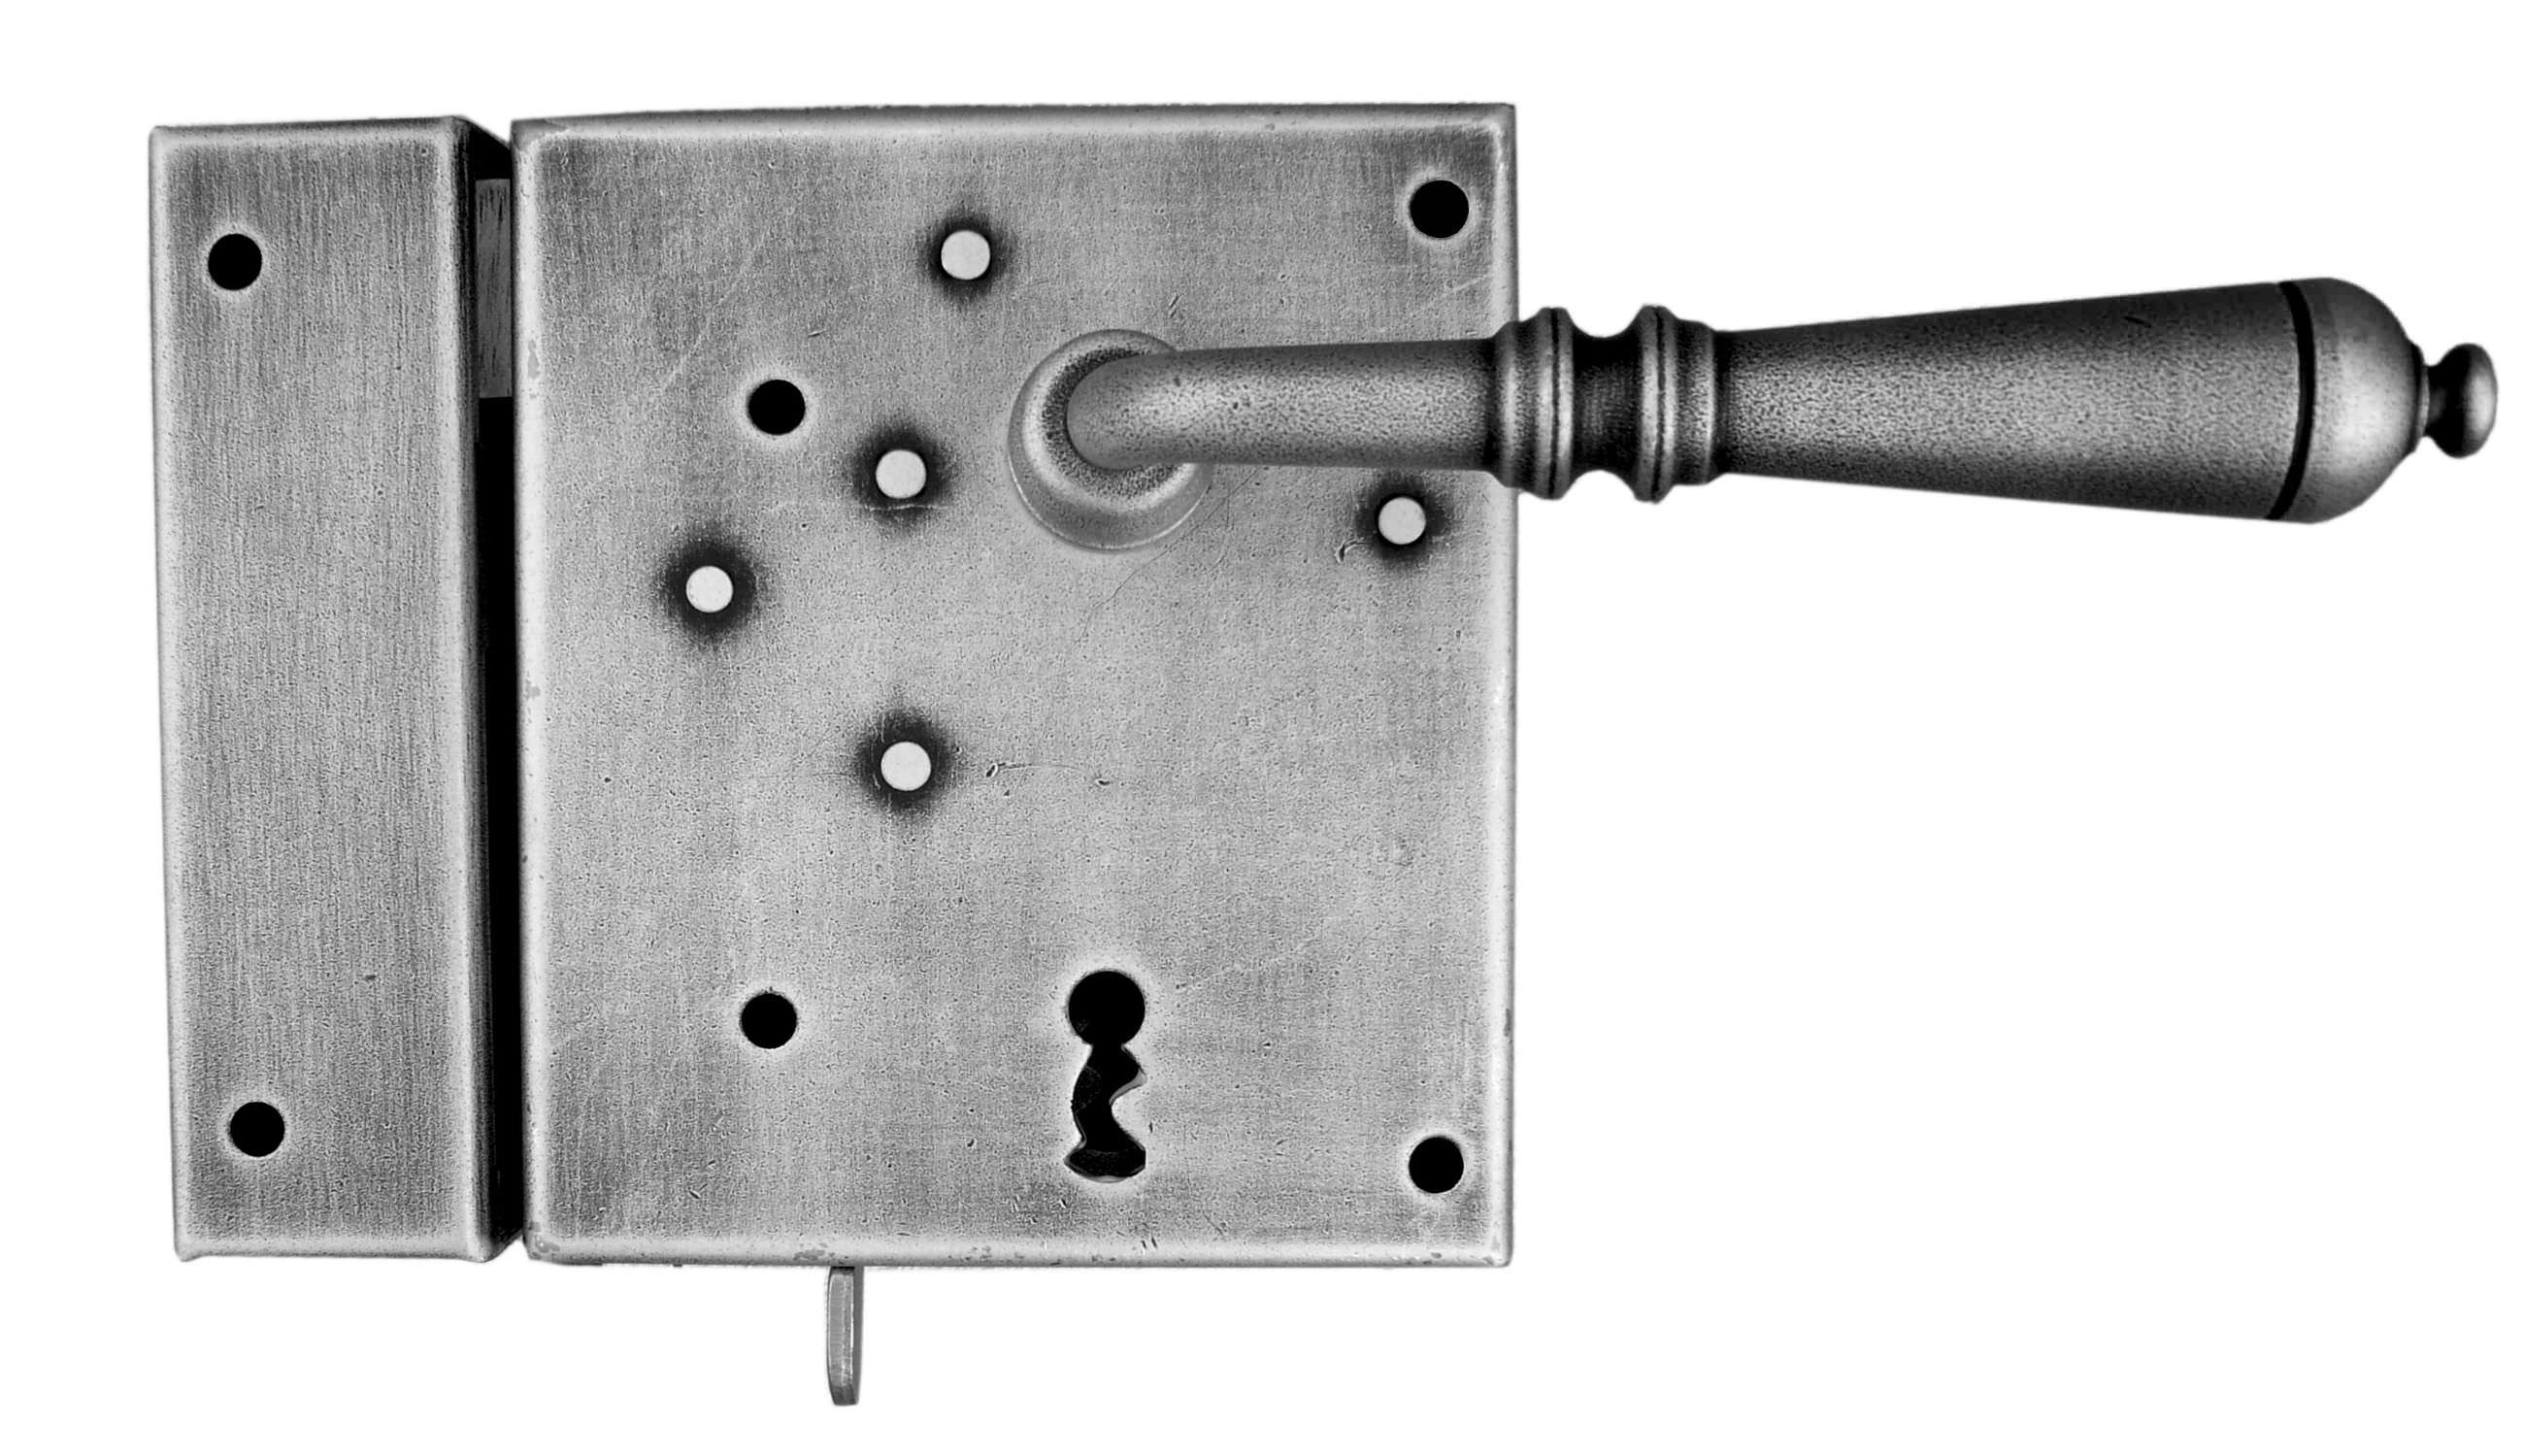 mechanisches schloss / tür - art.5800 - galbusera g.&g. s.n.c.